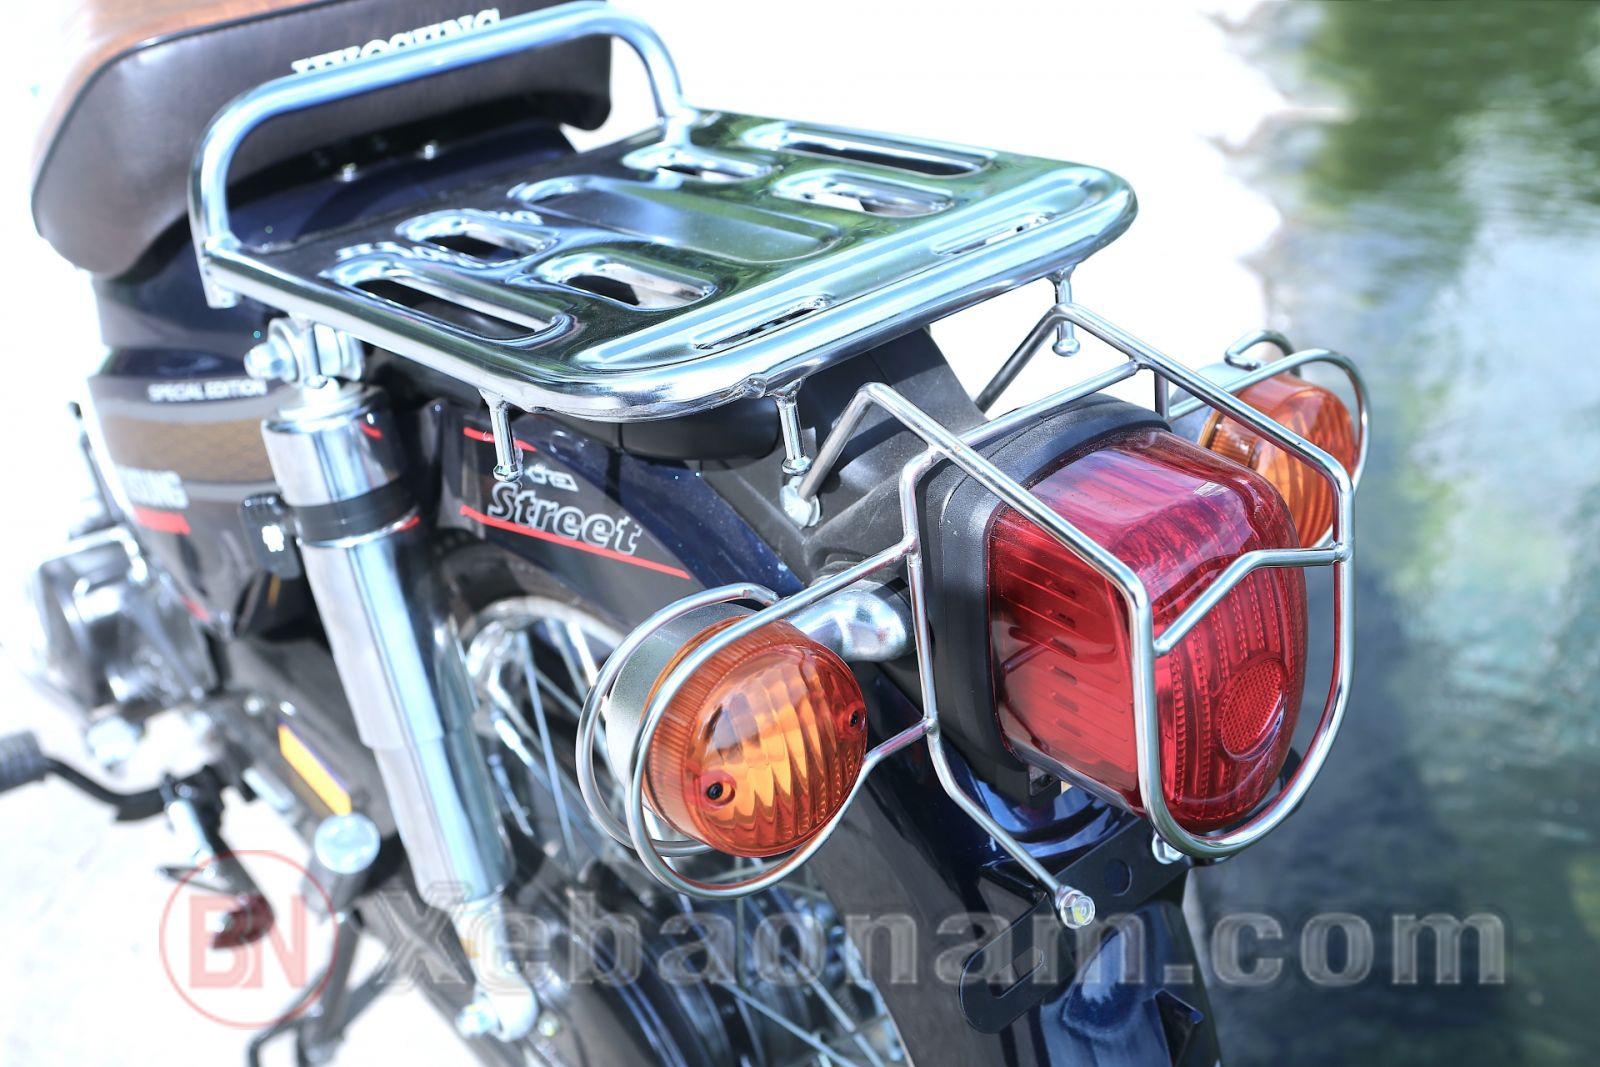 Đèn hậu xe cub 81 hyosung